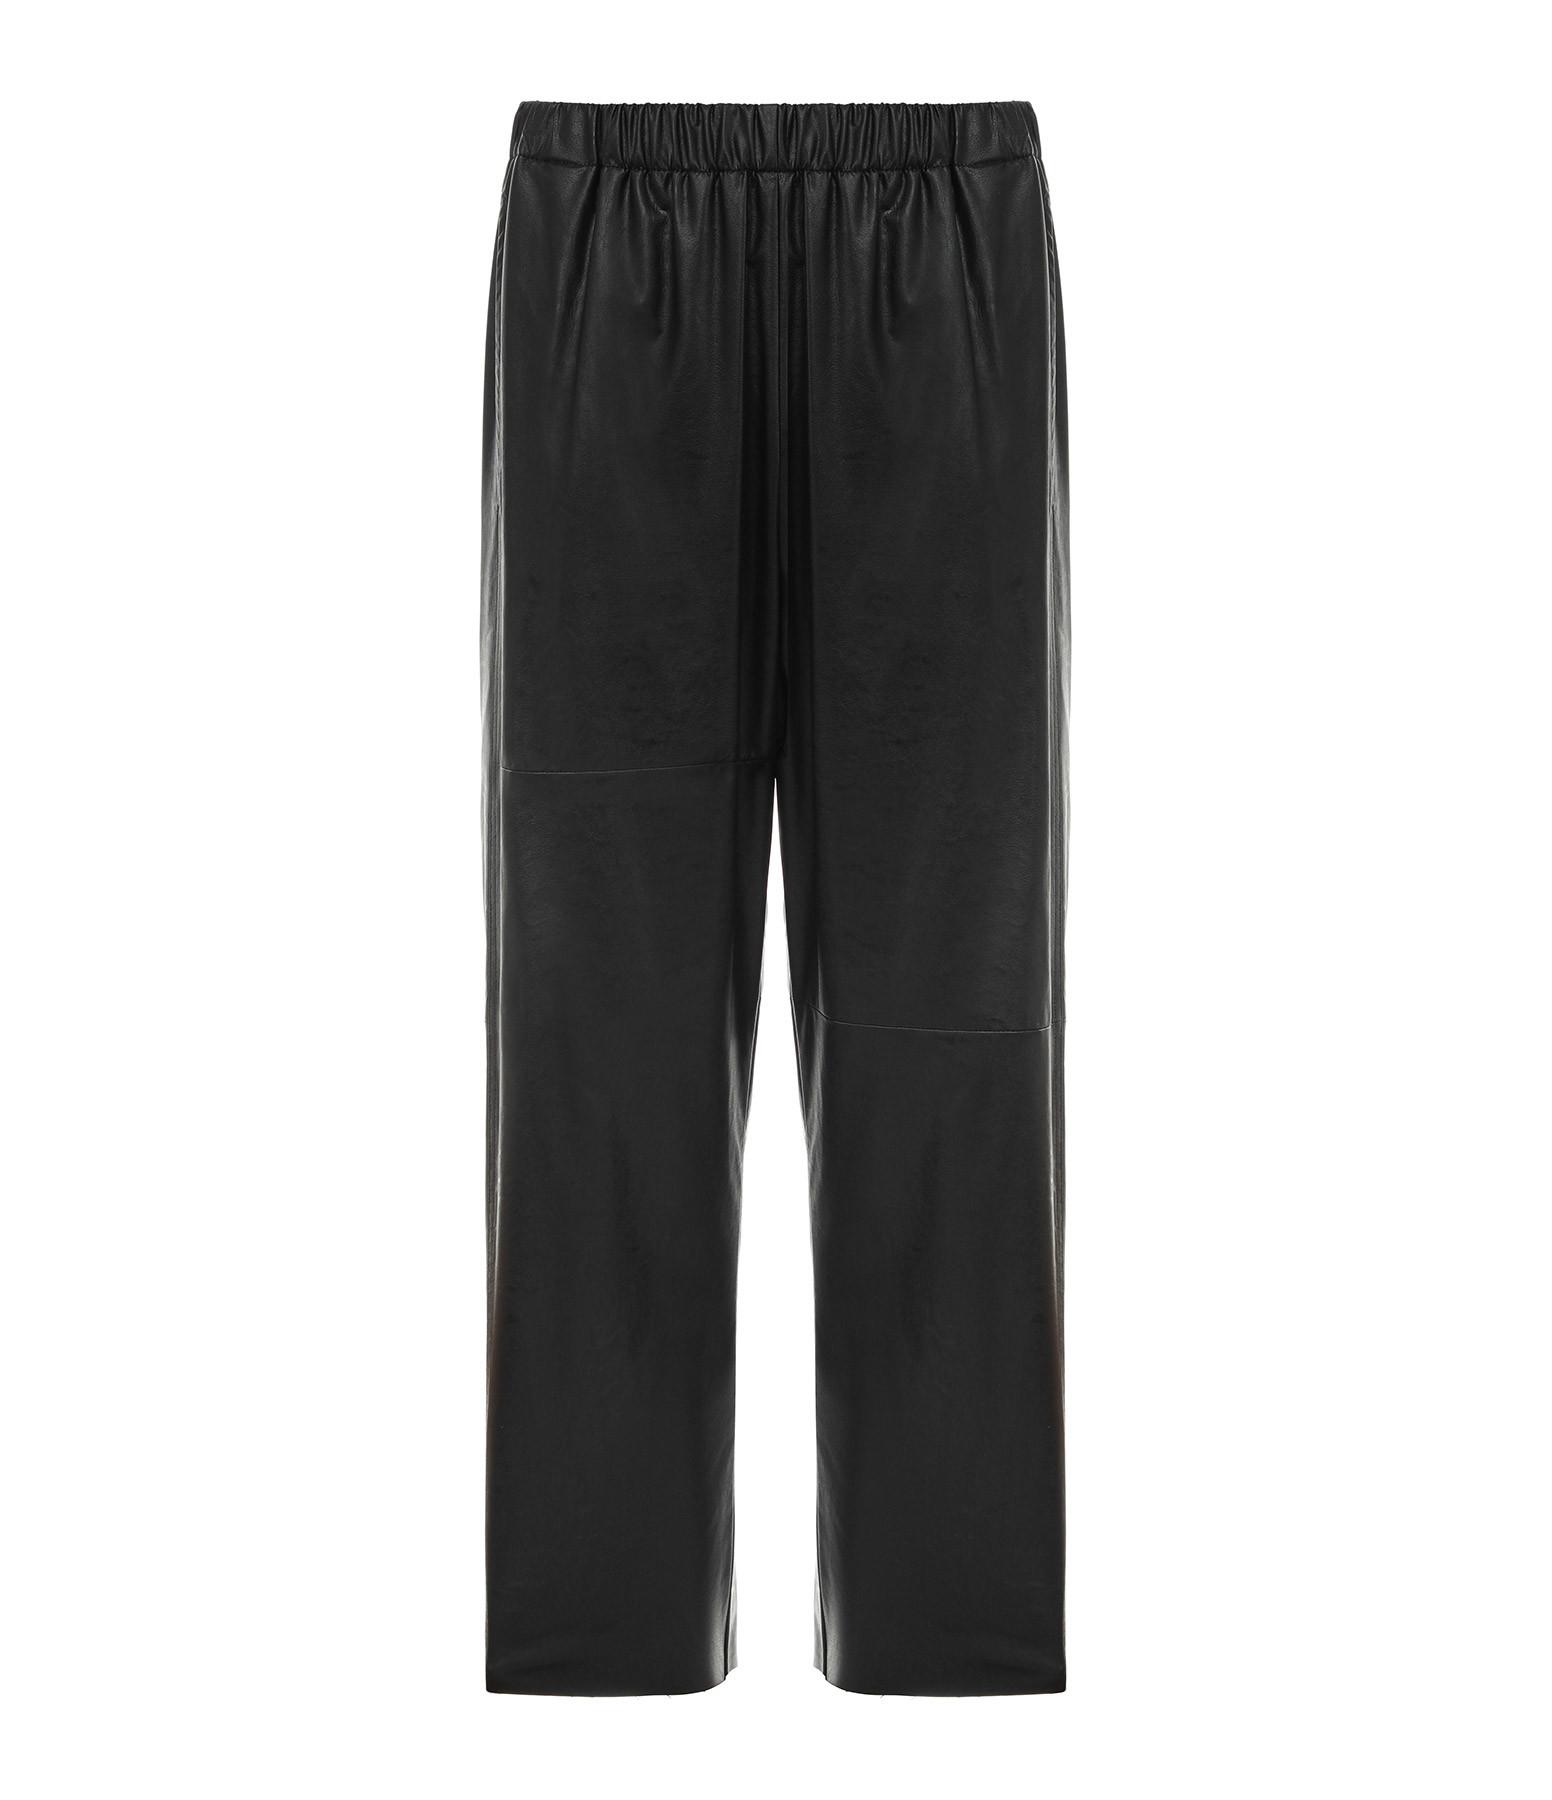 MM6 MAISON MARGIELA - Pantalon Asymétrique Noir